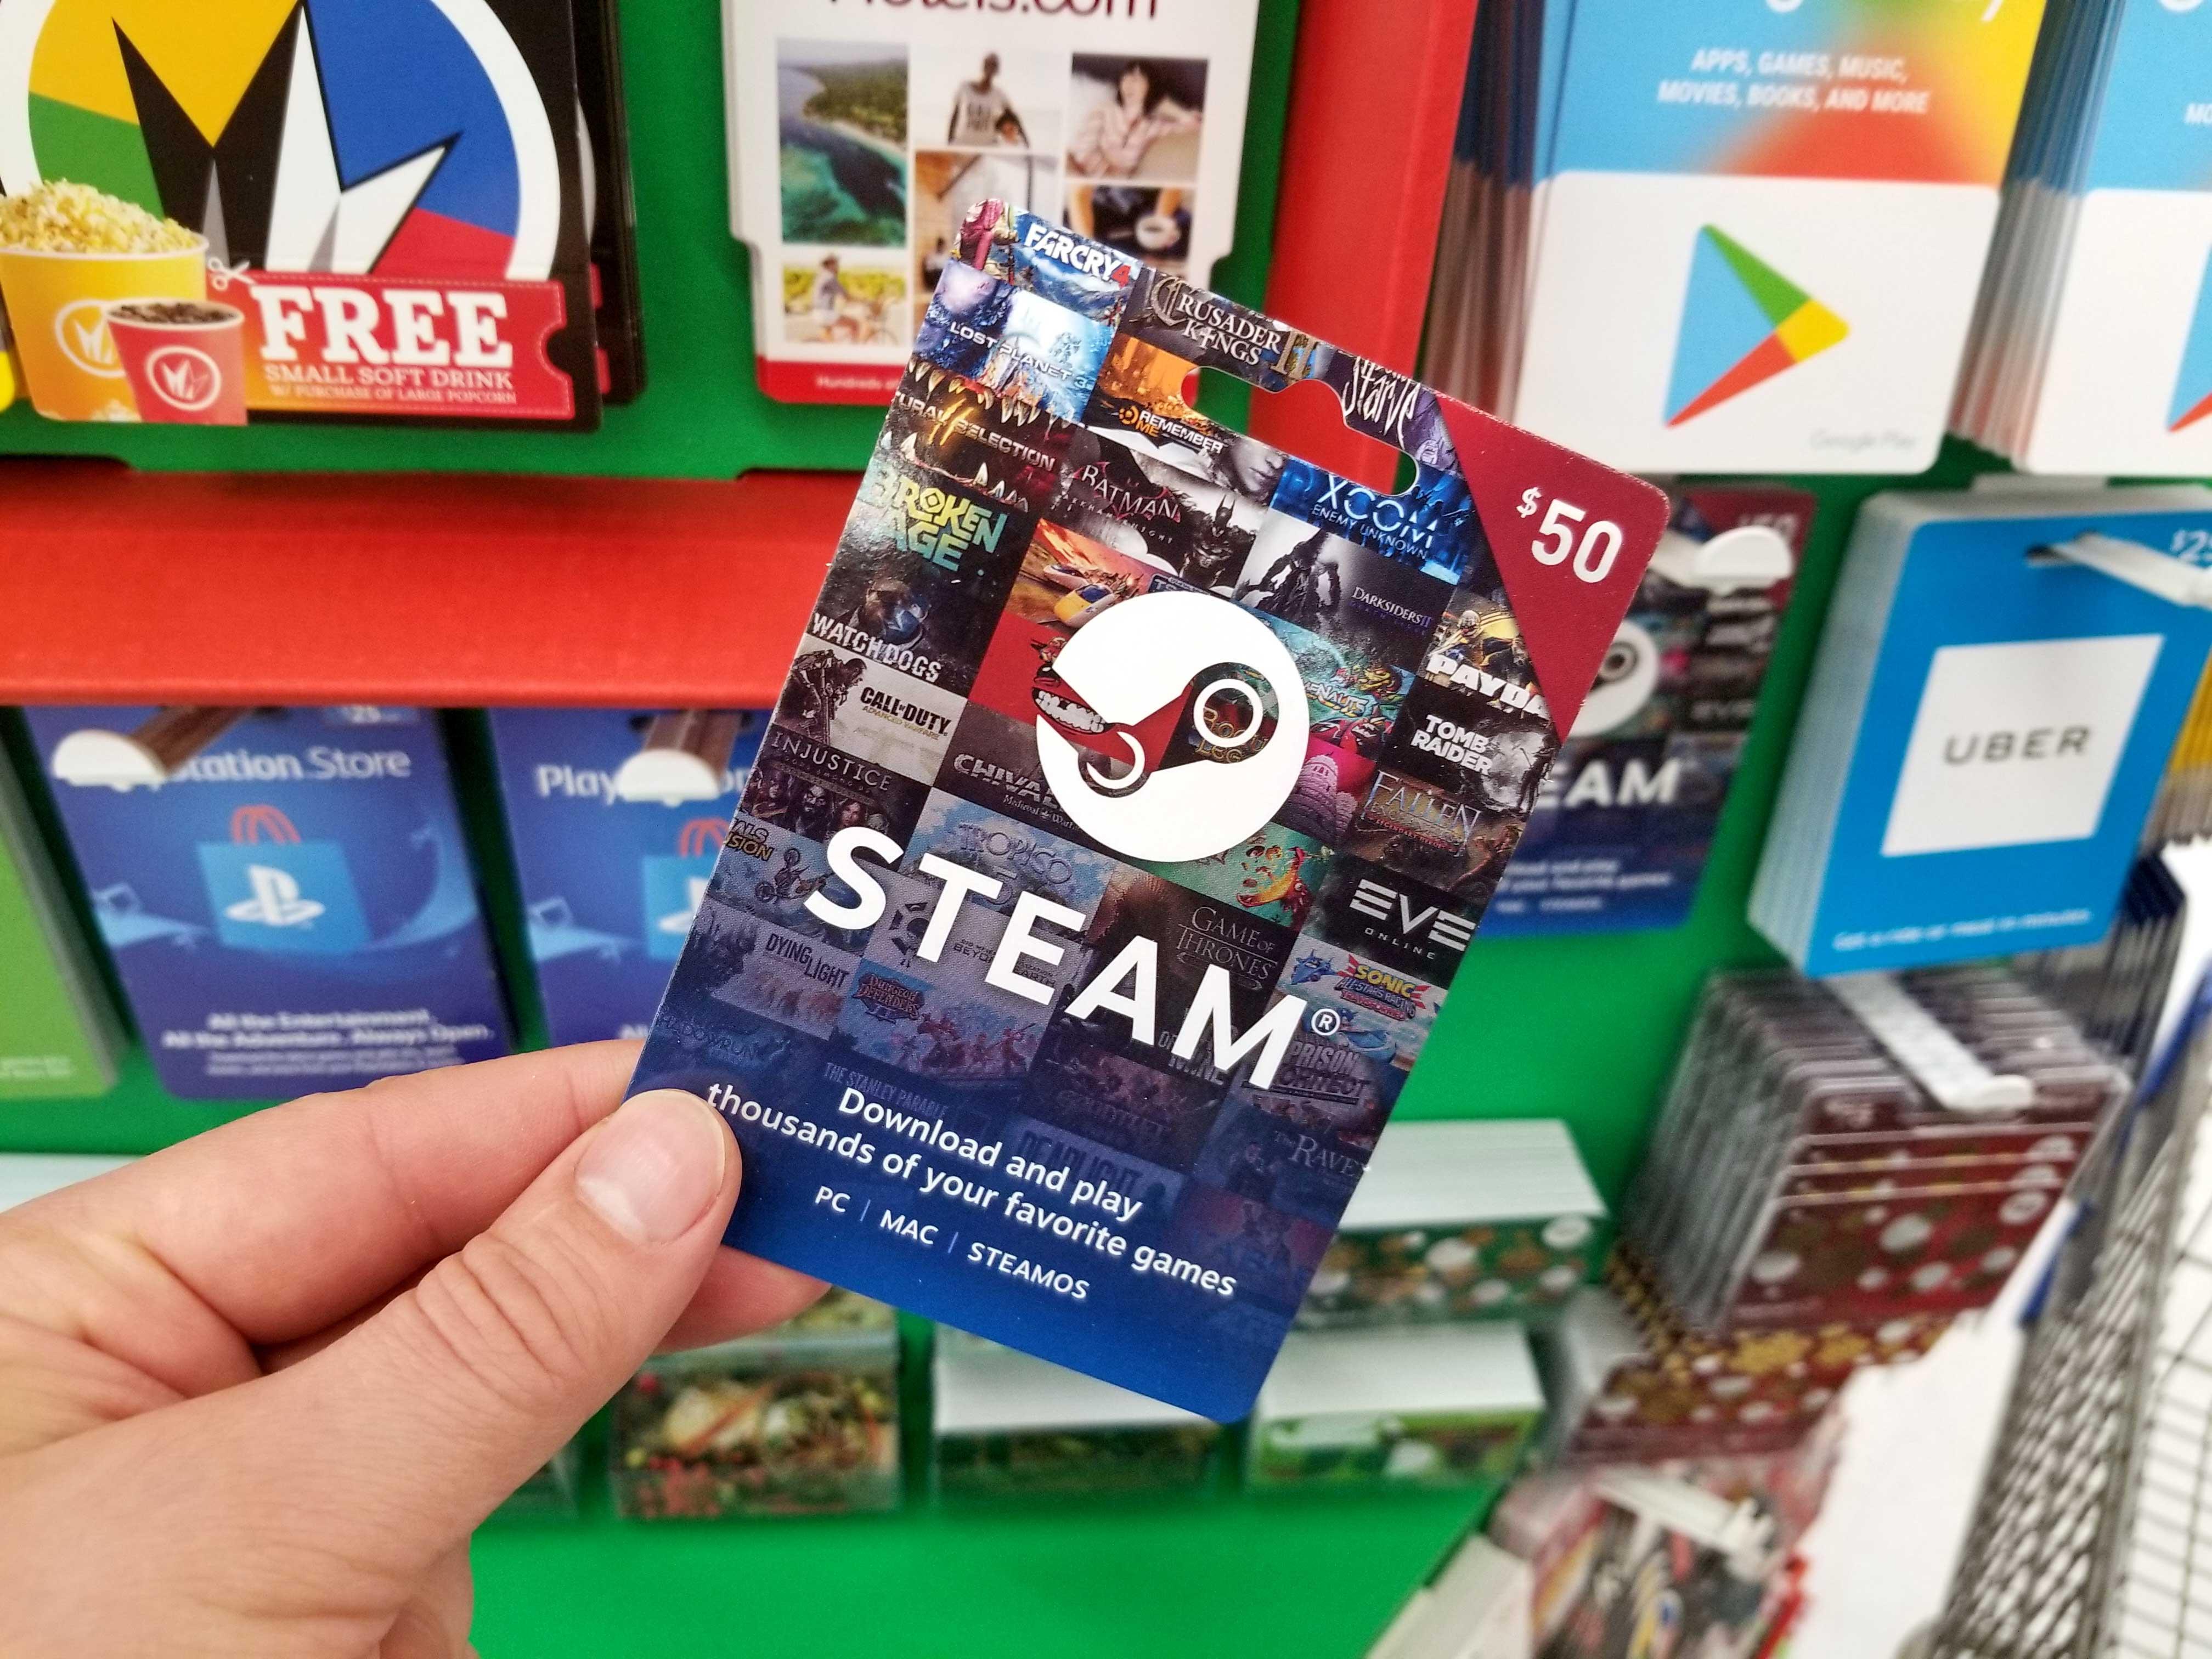 steam-gift-card, V Games For U, vgamesforu.com